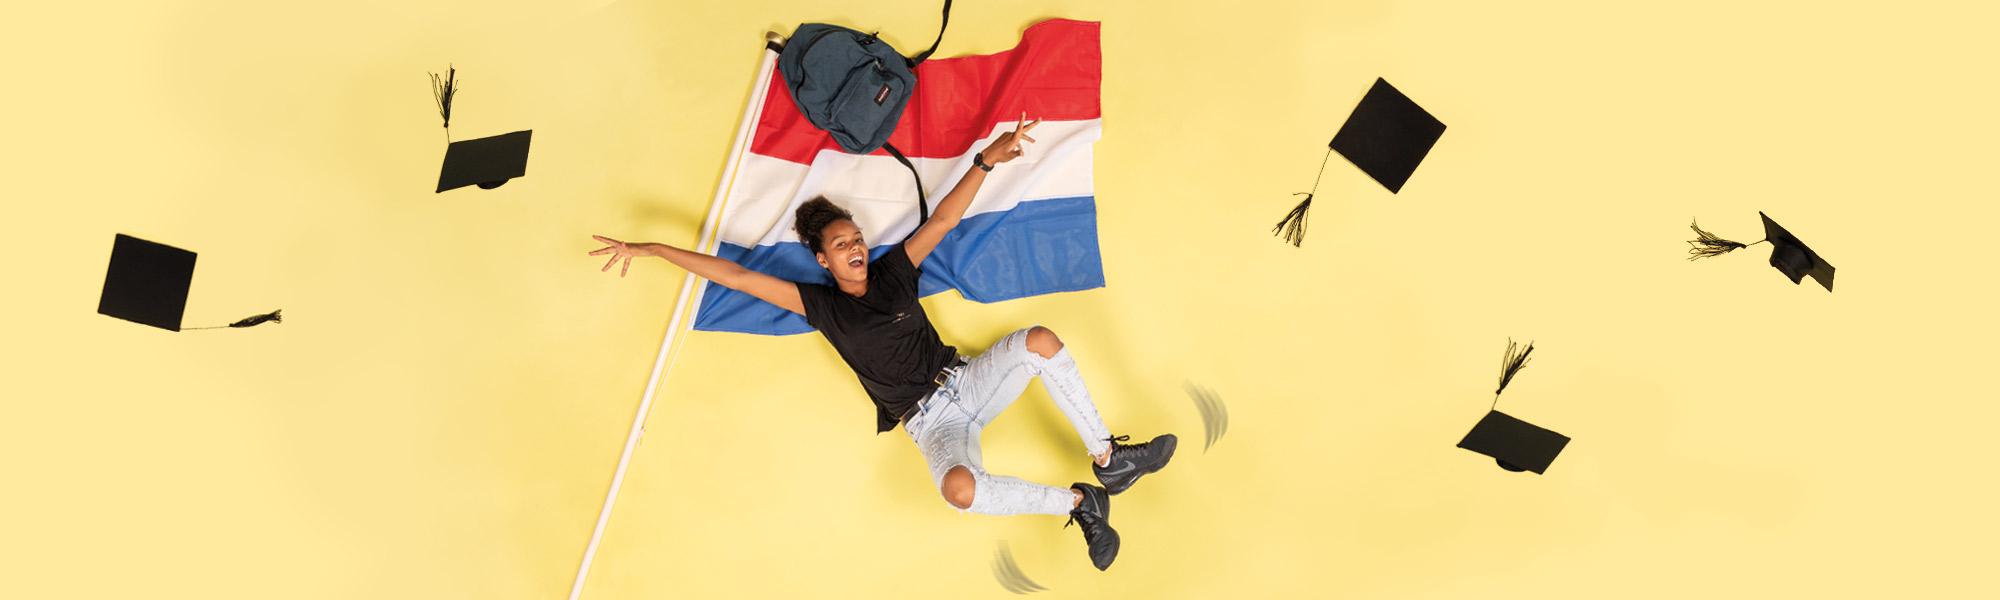 Genoeg Geslaagd cadeau | Pluimen.nl #DT65